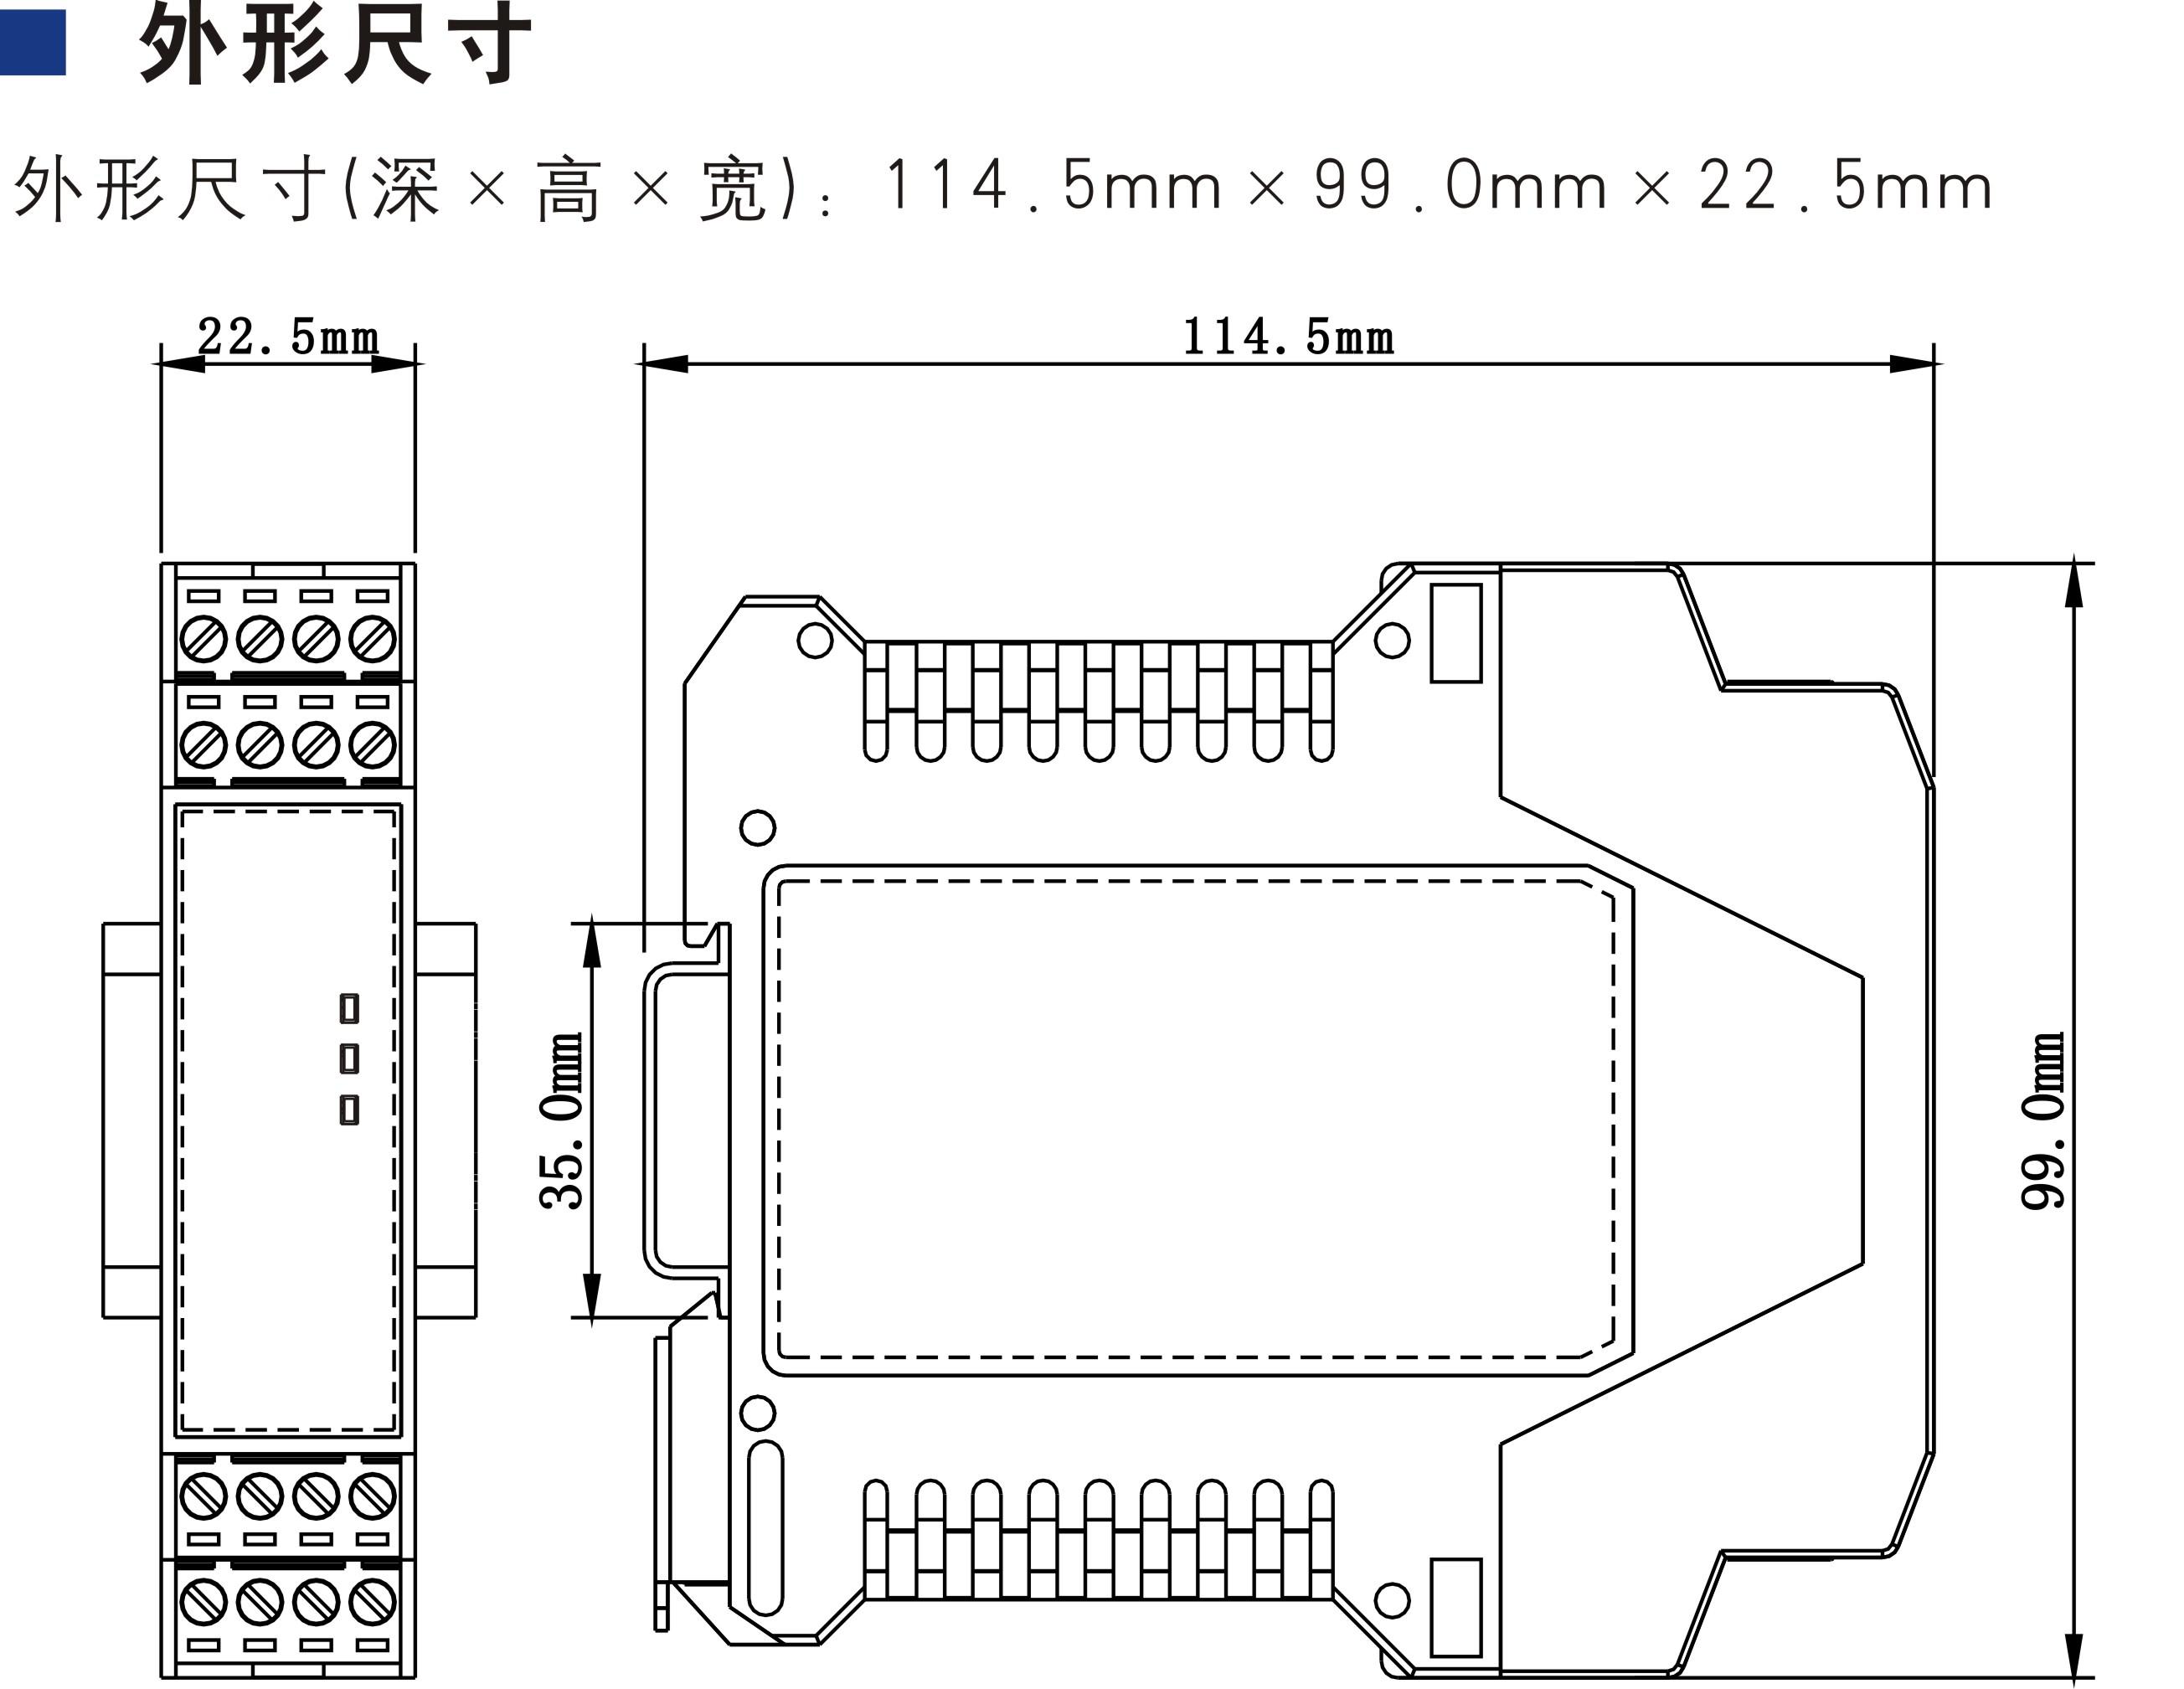 开关型安全设备输入 (PNP型安全光幕 24V DC 3NO+1NC 自动/手动复位)